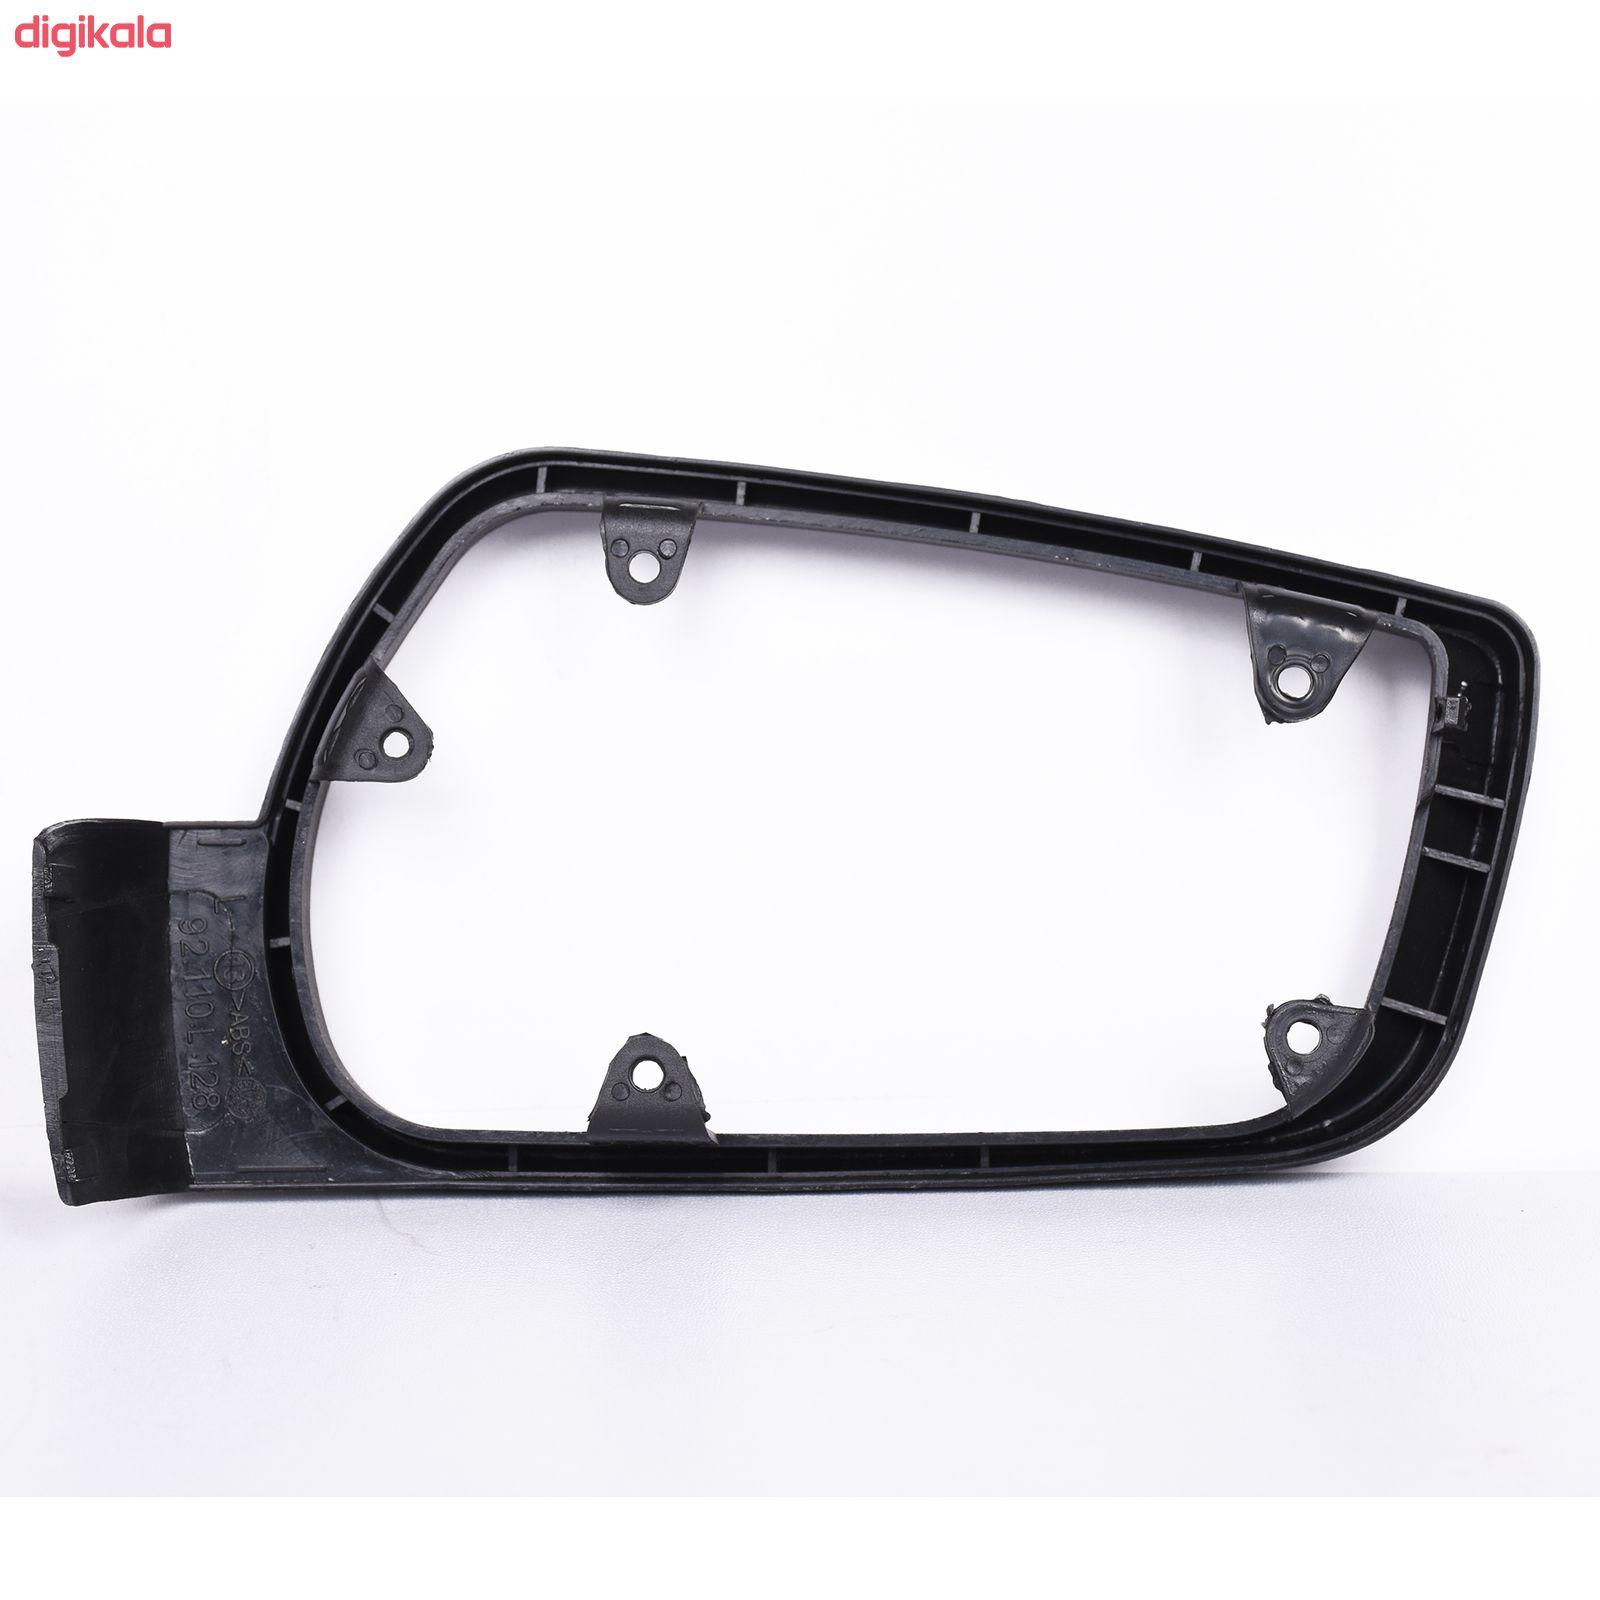 زه آینه جانبی چپ خودرو مدل LR3 مناسب برای پژو پارس main 1 2